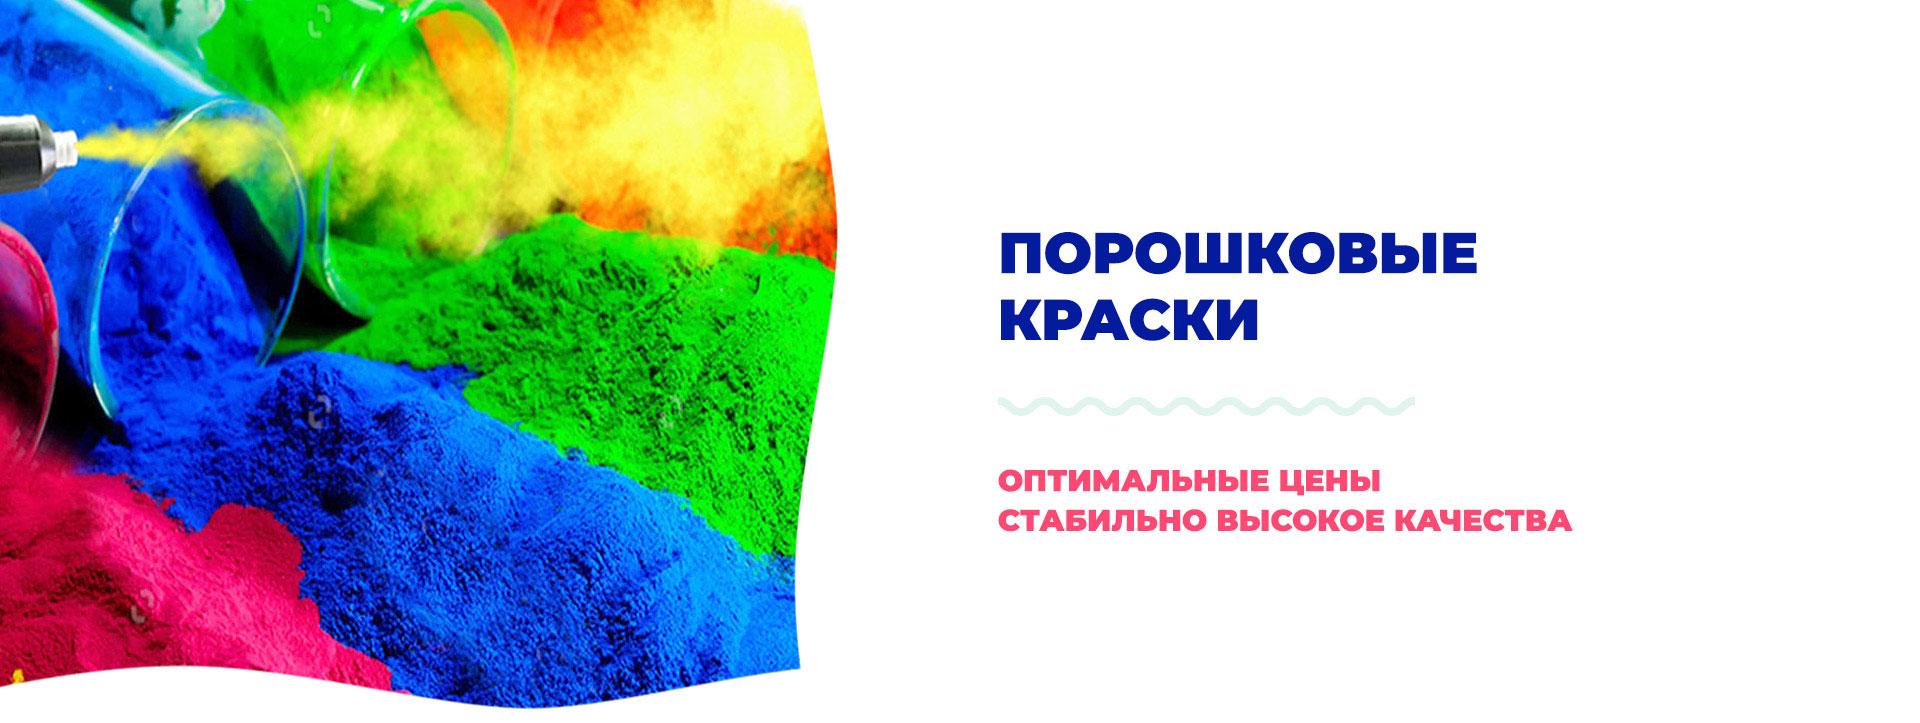 Порошковые краски, эмали, грунты Воронеж. Купить в магазине